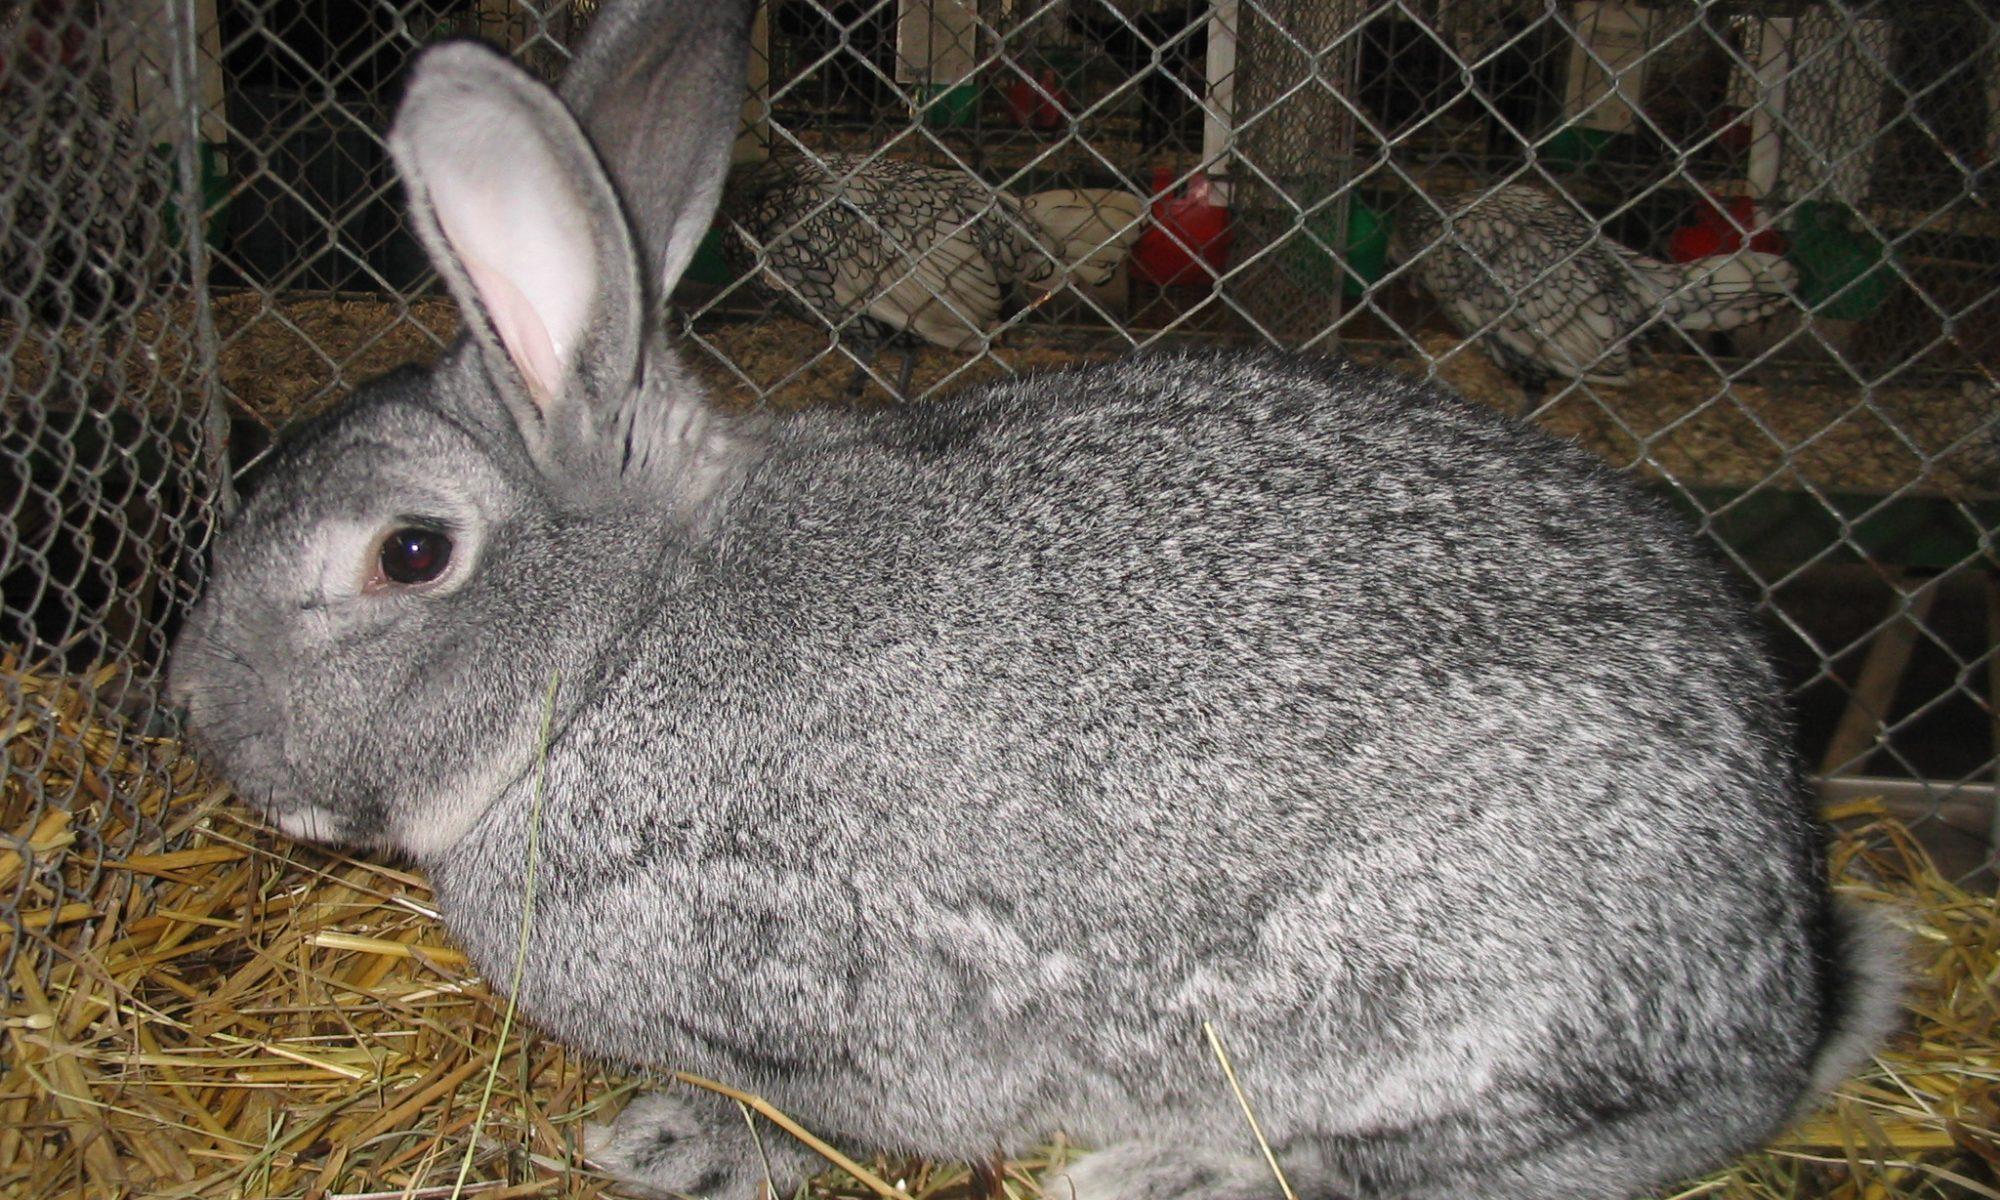 rabbit harvest walk-in cooler